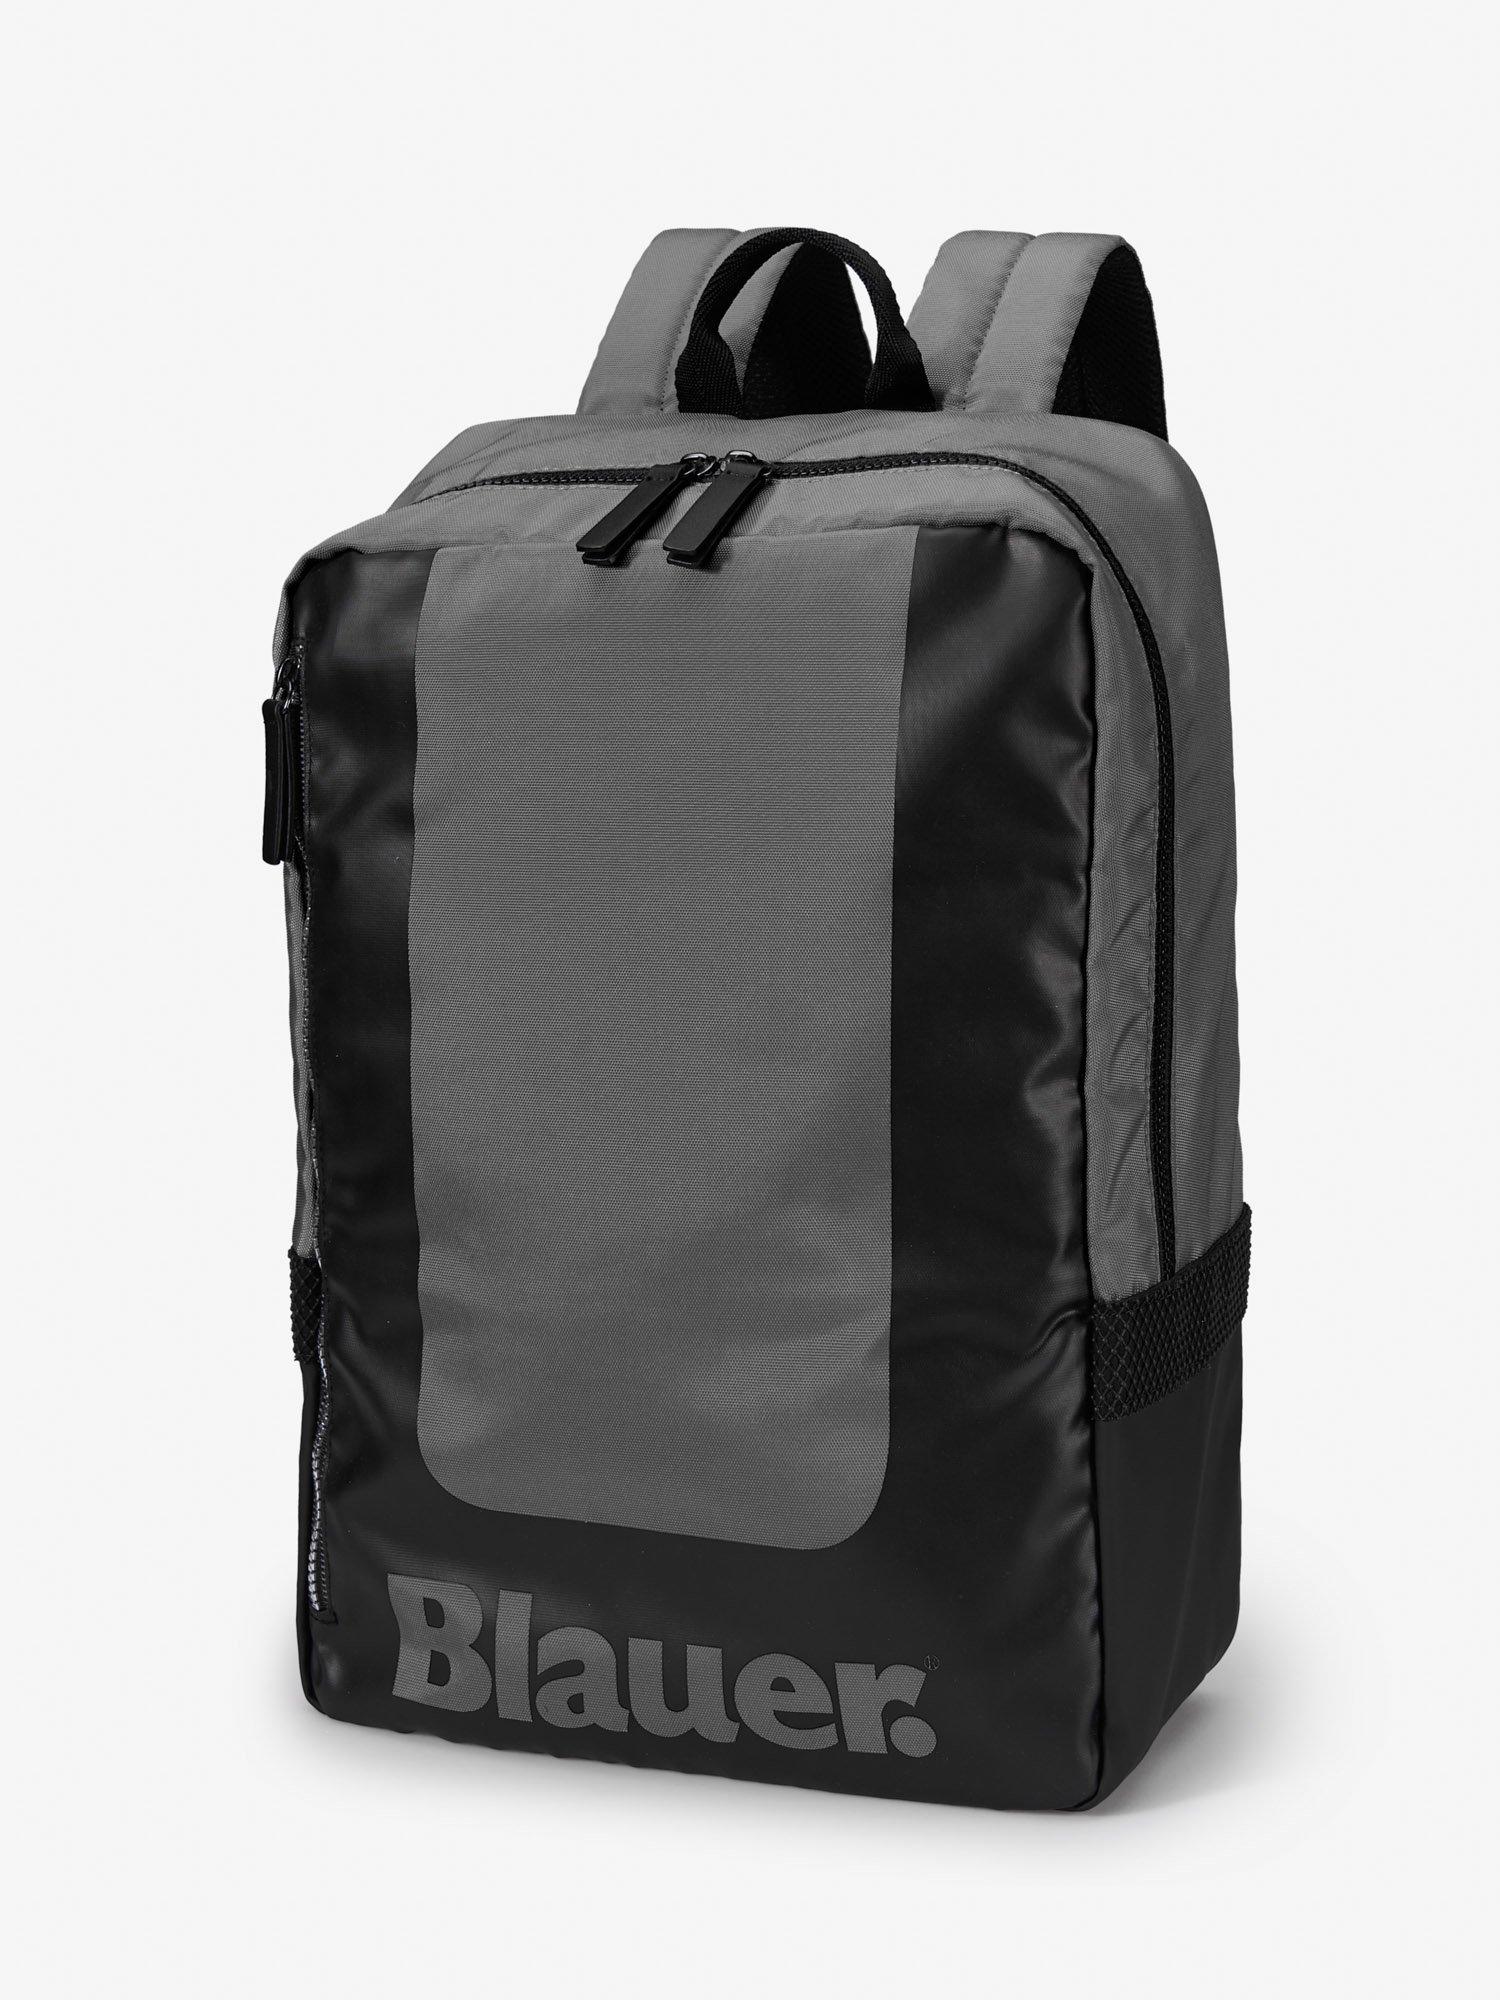 Blauer - ULTRA-LIGHTWEIGHT BACKPACK - Grey Metal - Blauer